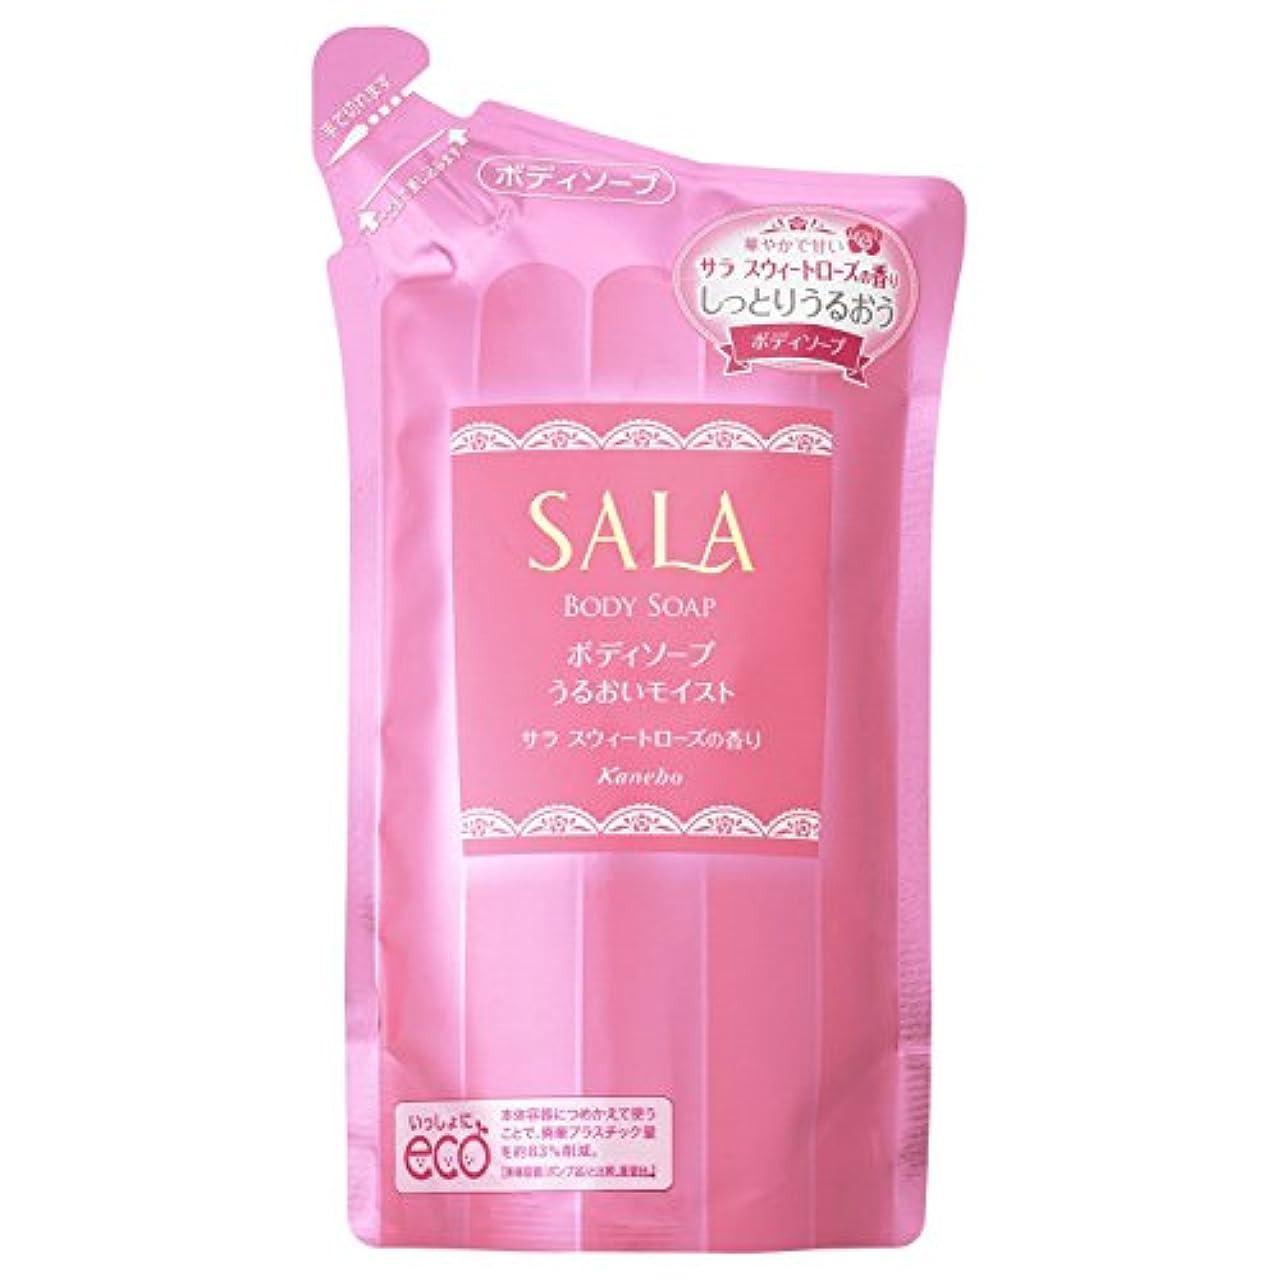 モデレータ十代高架サラ ボディソープ うるおいモイスト つめかえ用 サラスウィートローズの香り